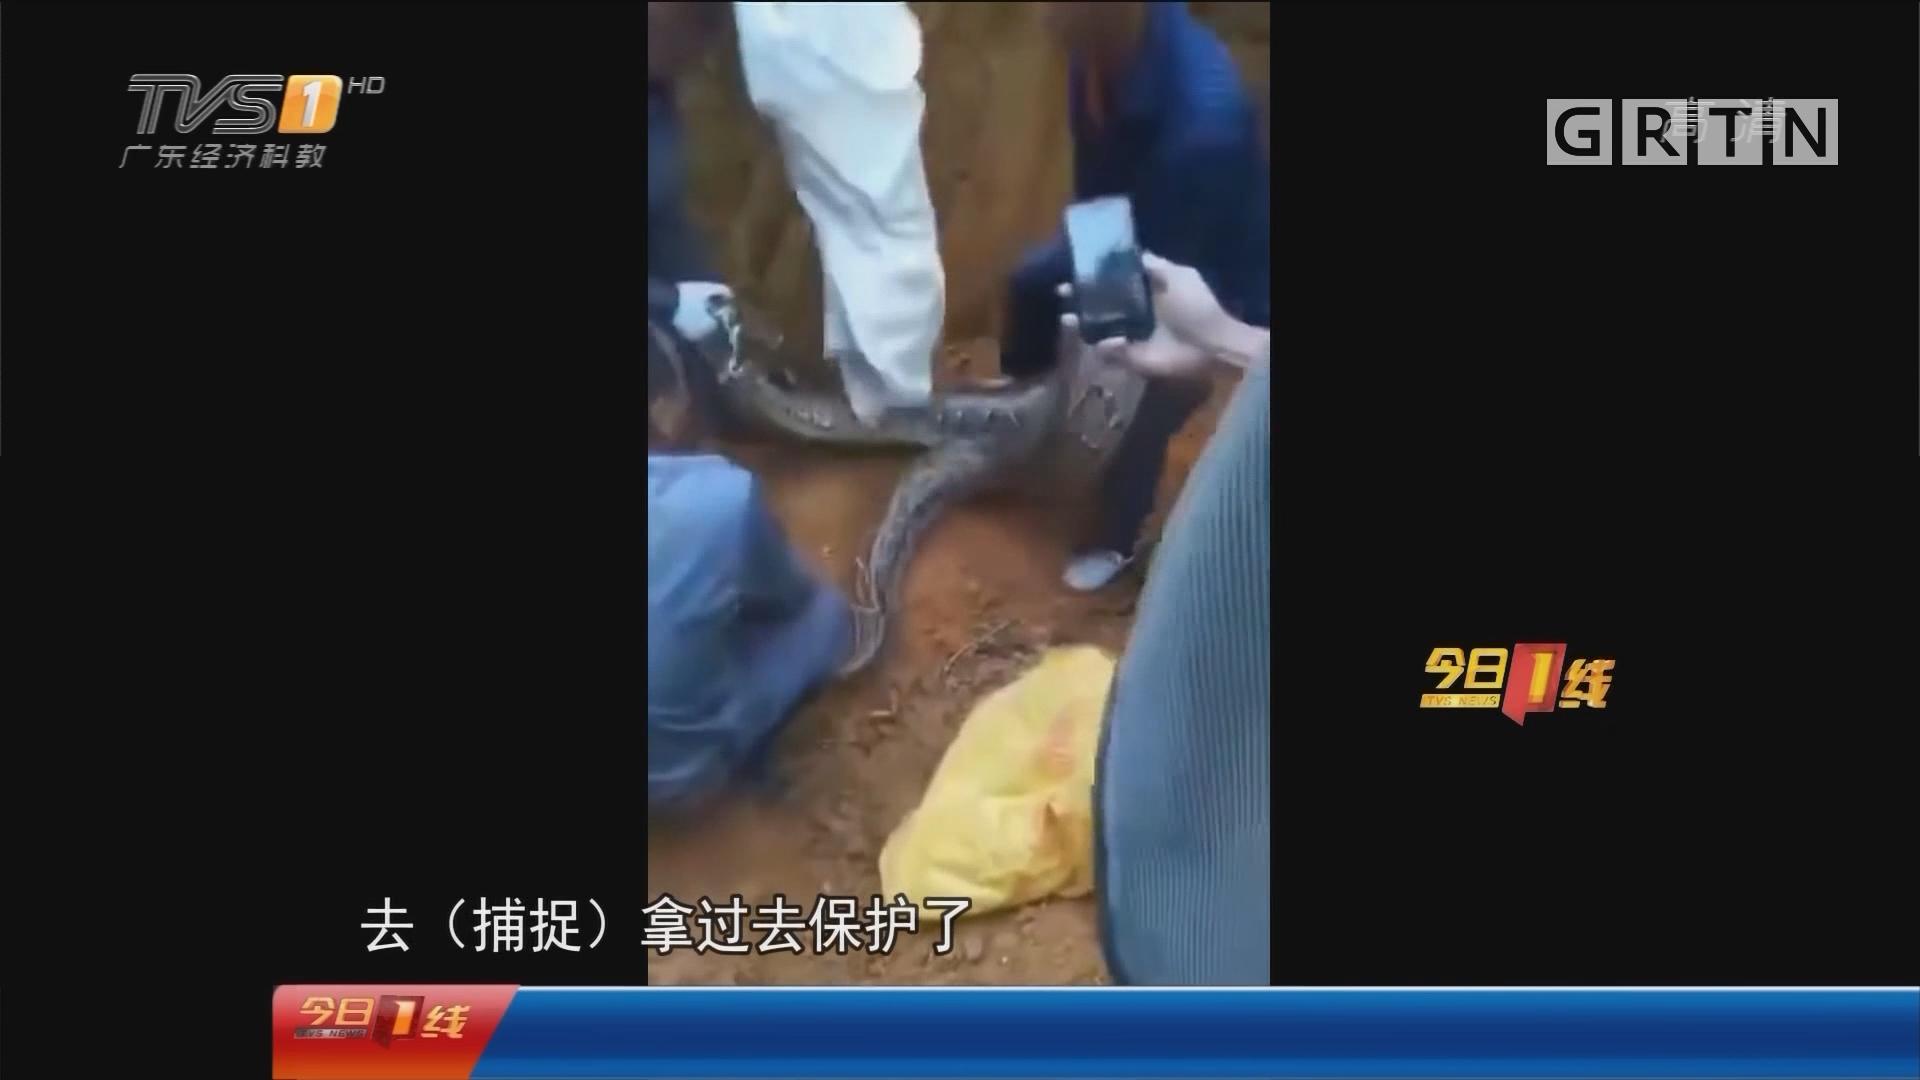 佛山高明:70斤巨蟒出没!三壮汉合力捉蛇